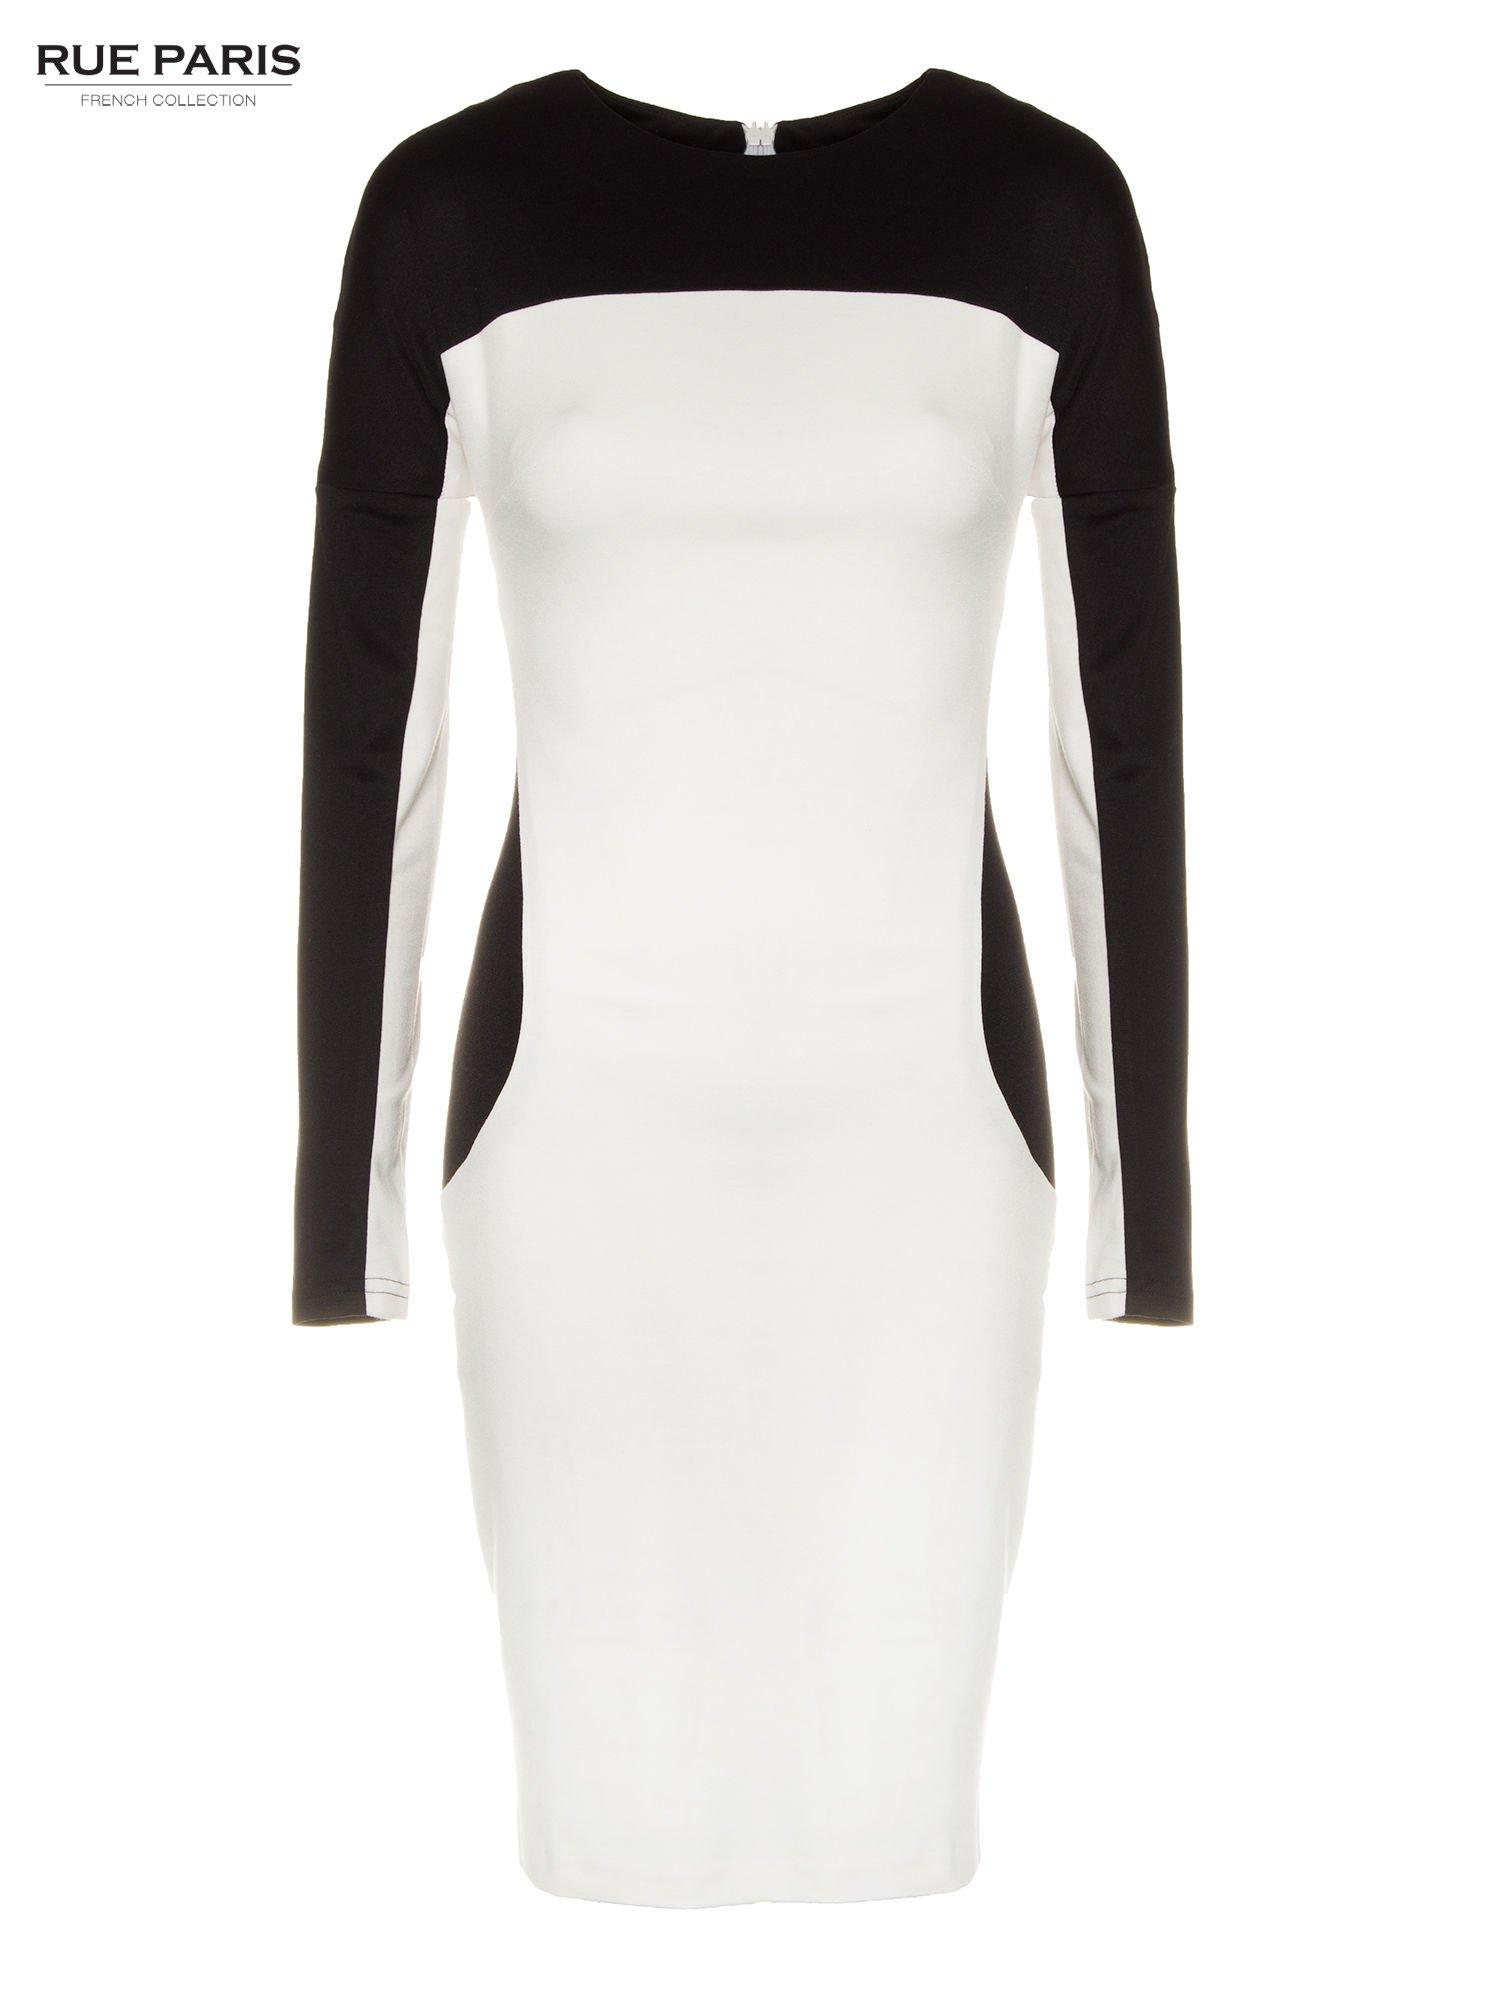 Ecru-czarna sukienka modułowa z zamkiem z tyłu                                  zdj.                                  2